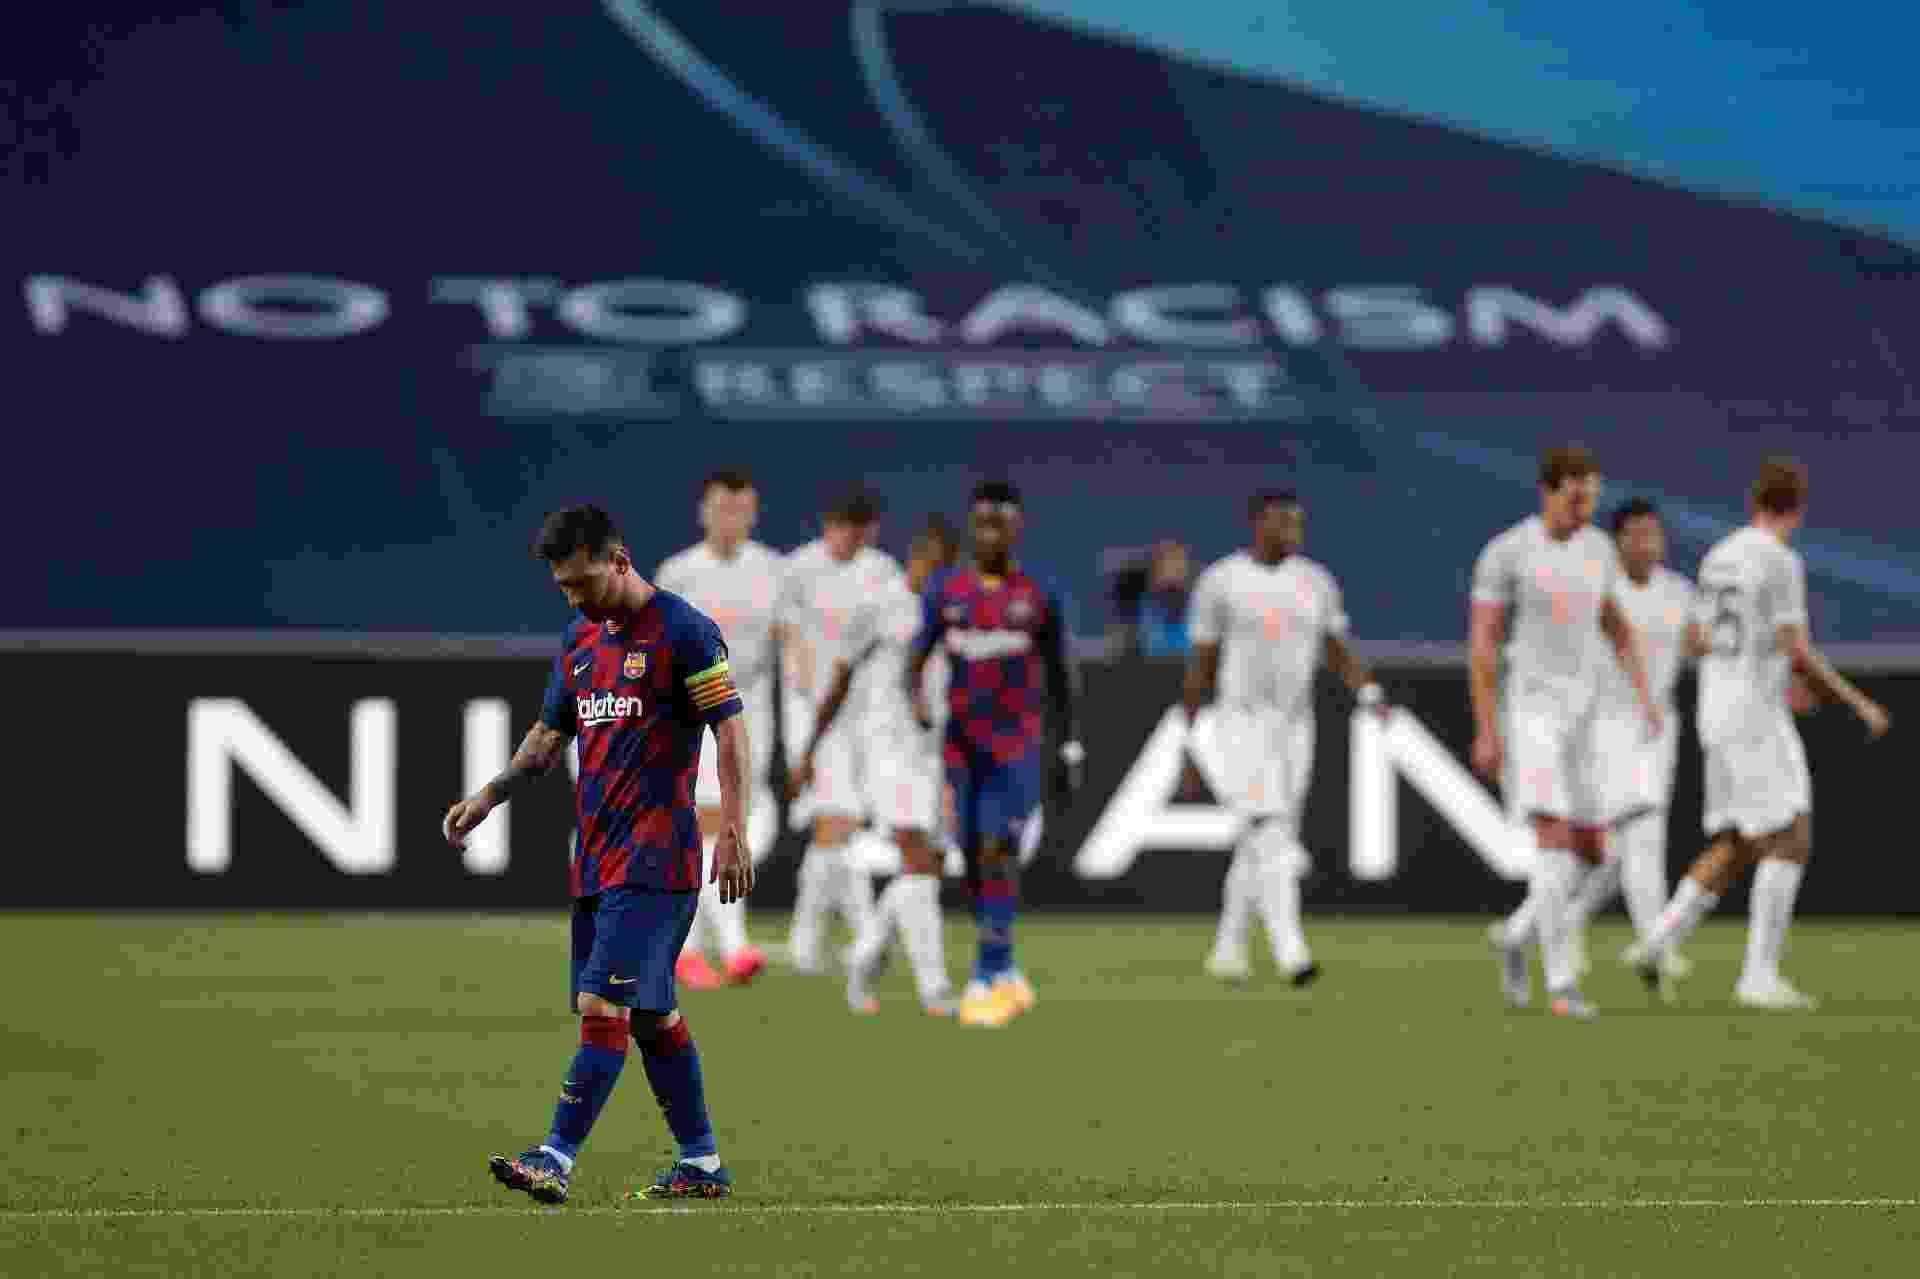 Messi lamenta um dos gols sofridos pelo Barcelona contra o Bayern em jogo da Liga dos Campeões - Manu Fernandez/Pool via Getty Images